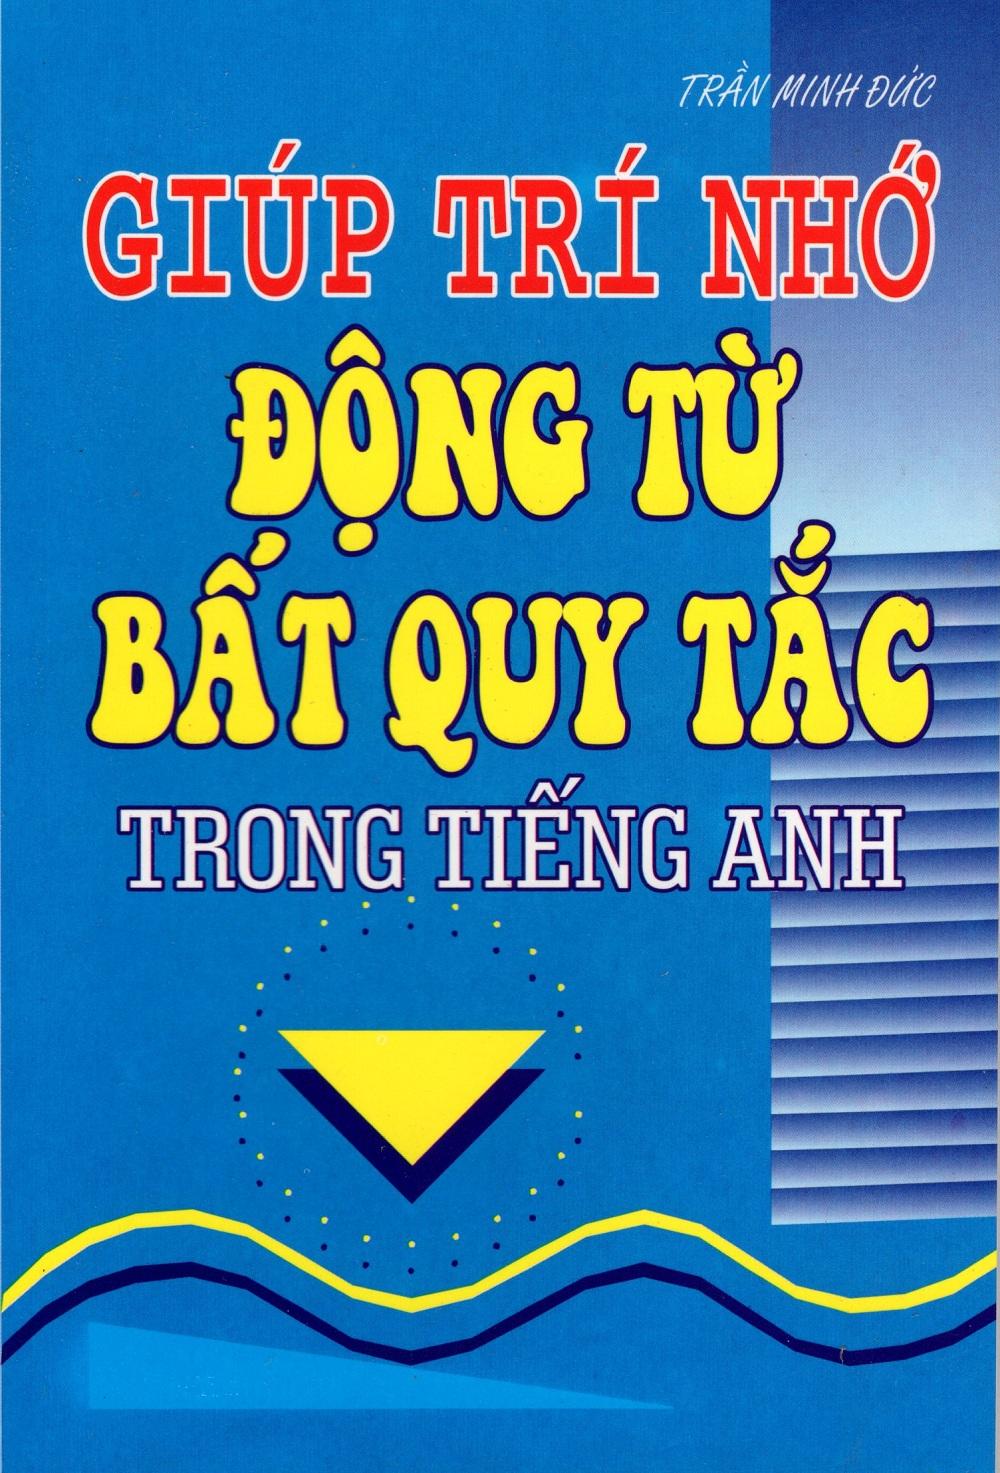 Bìa sách Giúp Trí Nhớ Động Từ Bất Quy Tắc Trong Tiếng Anh